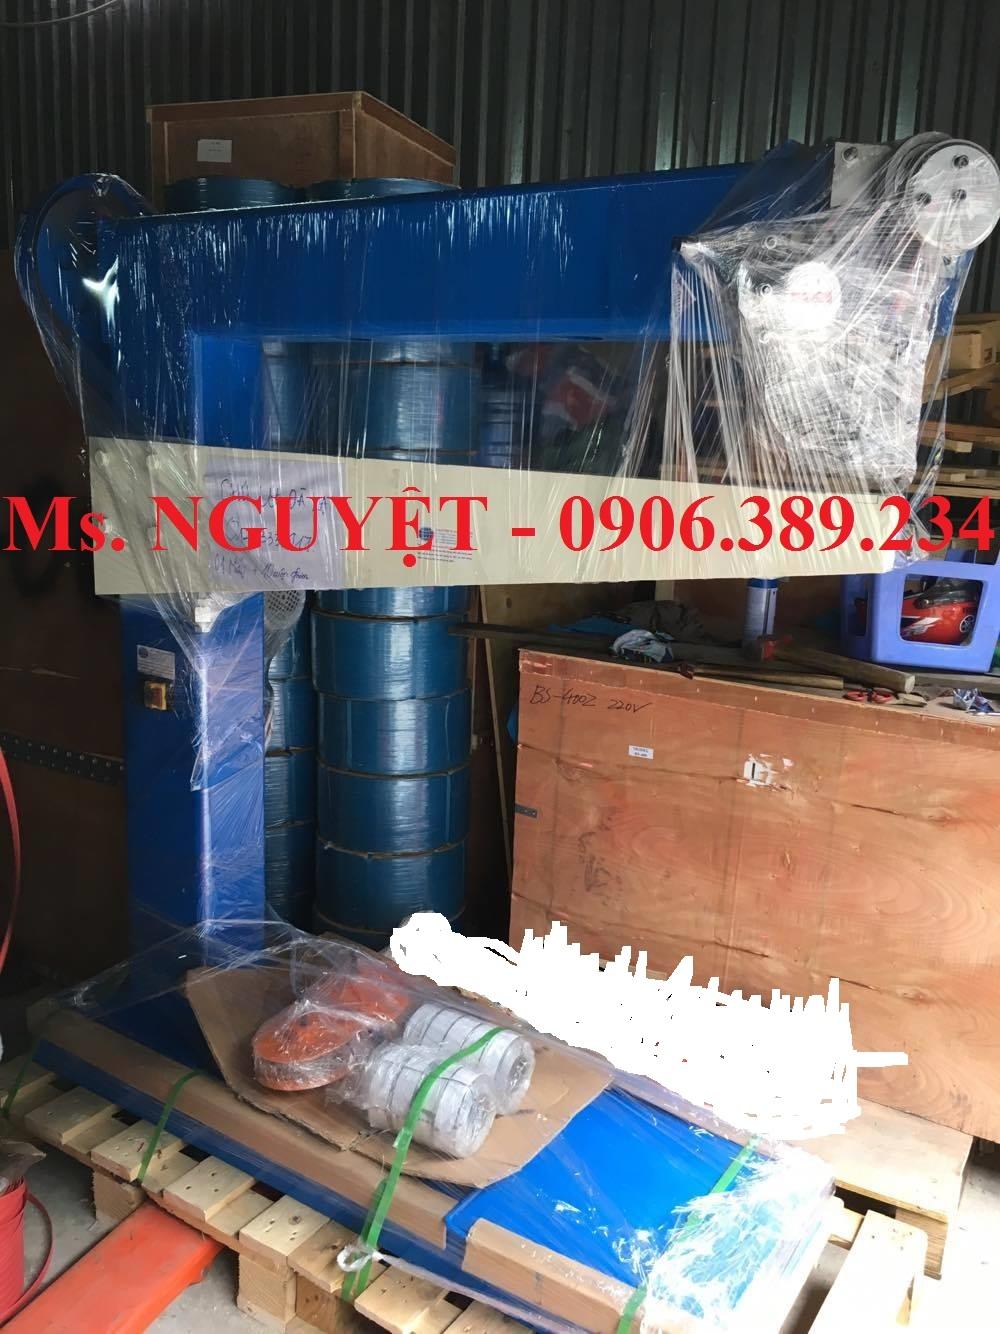 MÁY BẤM GHIM THÙNG CARTON WP1200 giá rẻ Hà Nội, Khánh Hòa, Long An